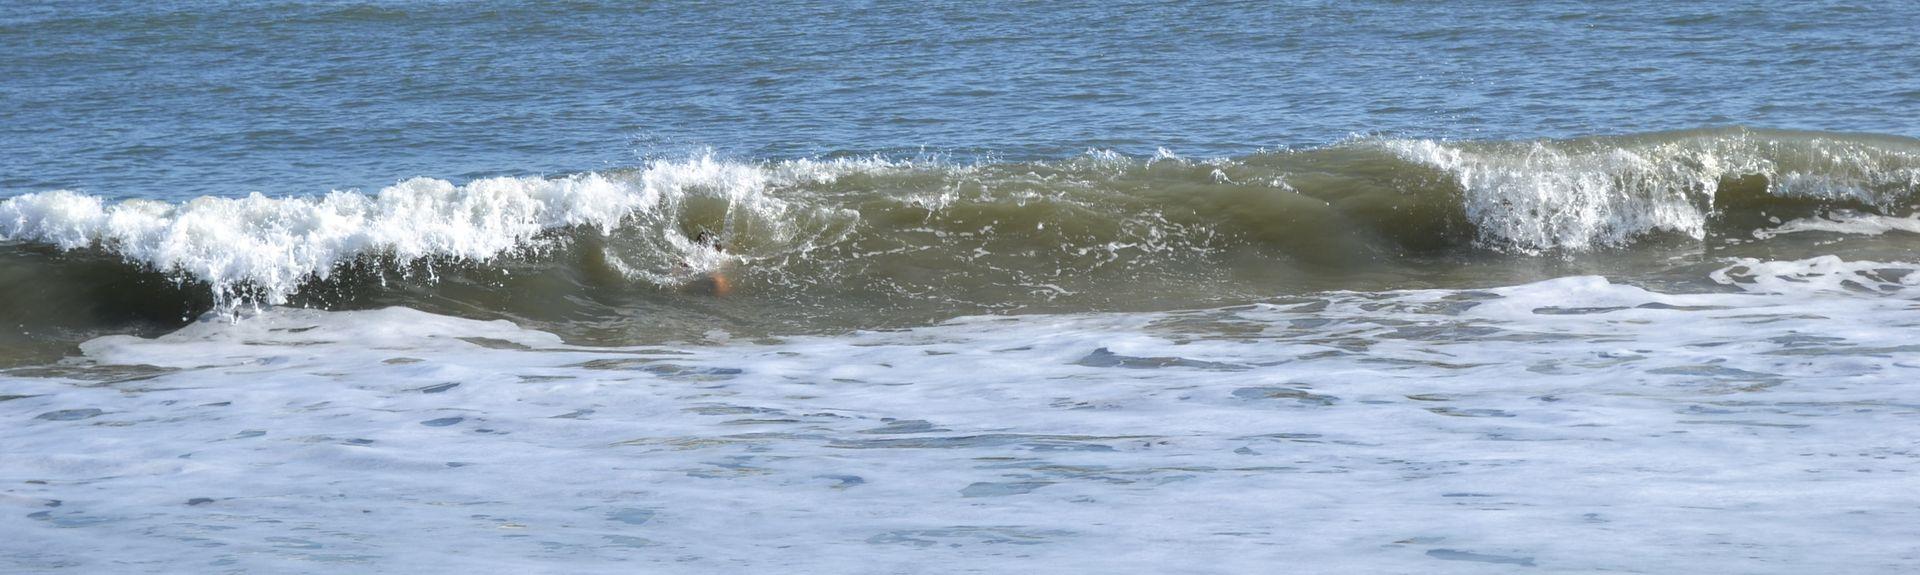 Tidewater (Isle of Palms, Carolina do Sul, Estados Unidos)